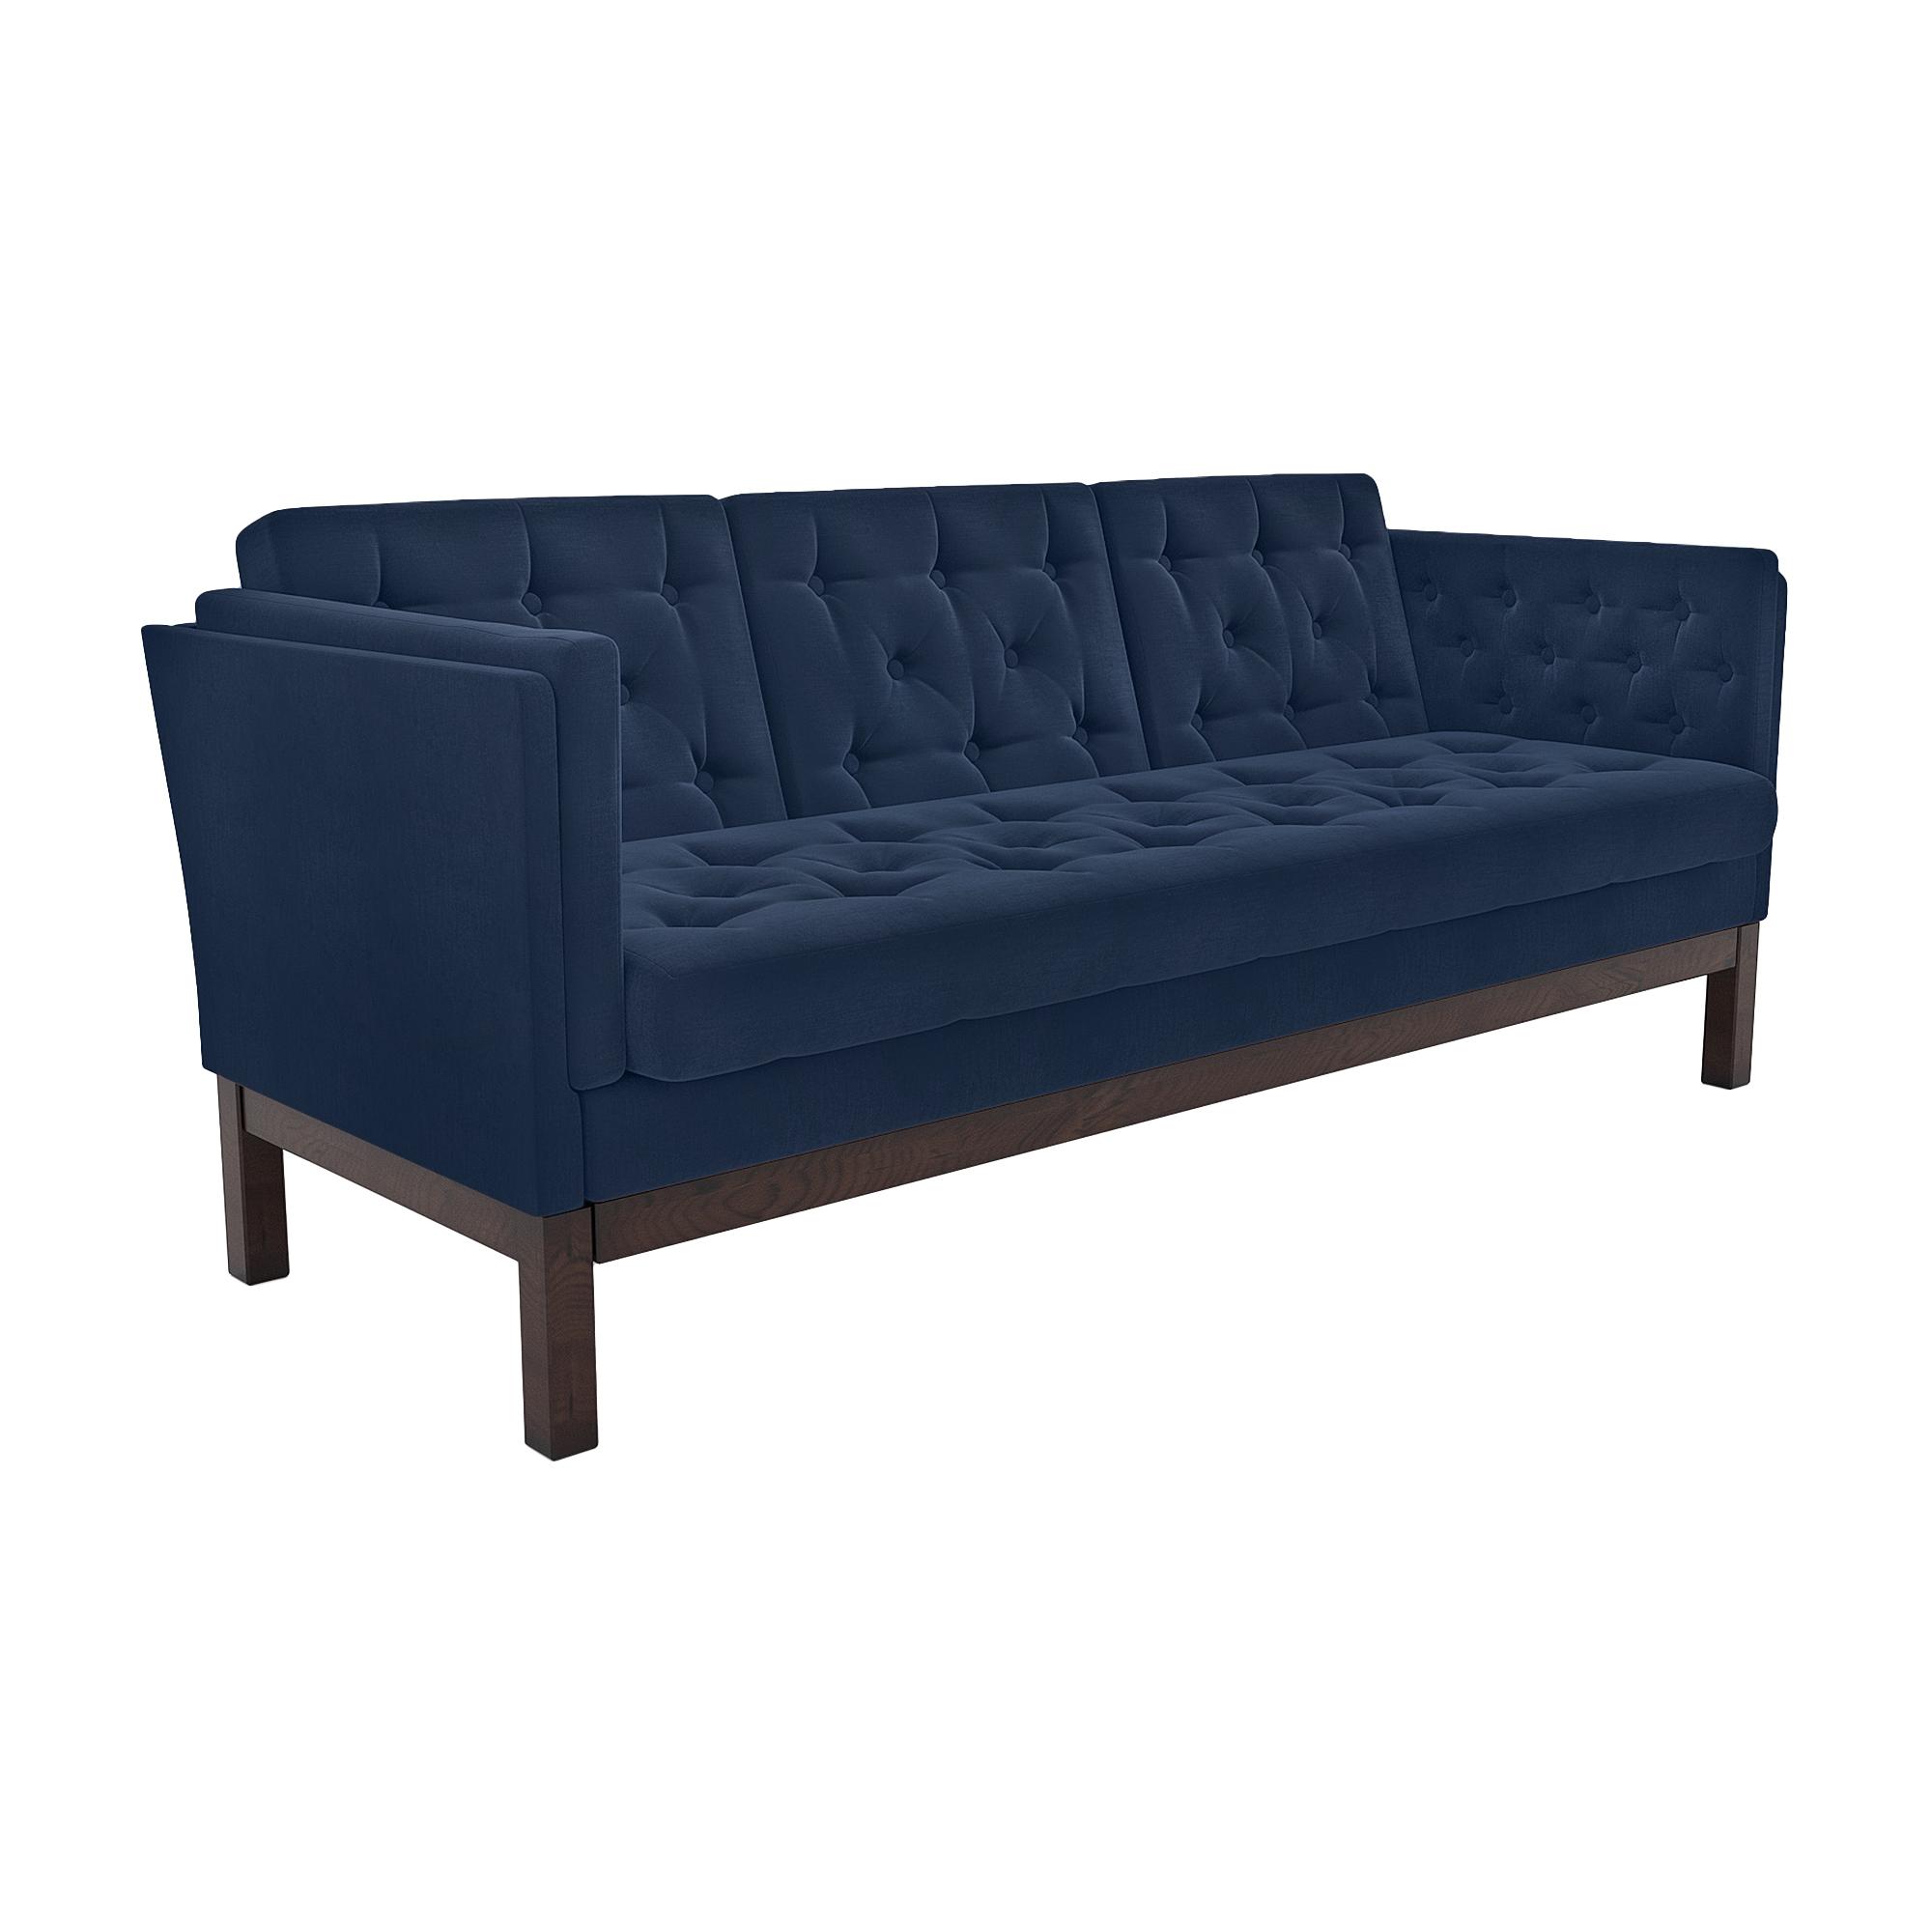 Фото - Диван AS Алана б 193x82x83 венге/деним диван as алана б 193x82x83 венге бейдж